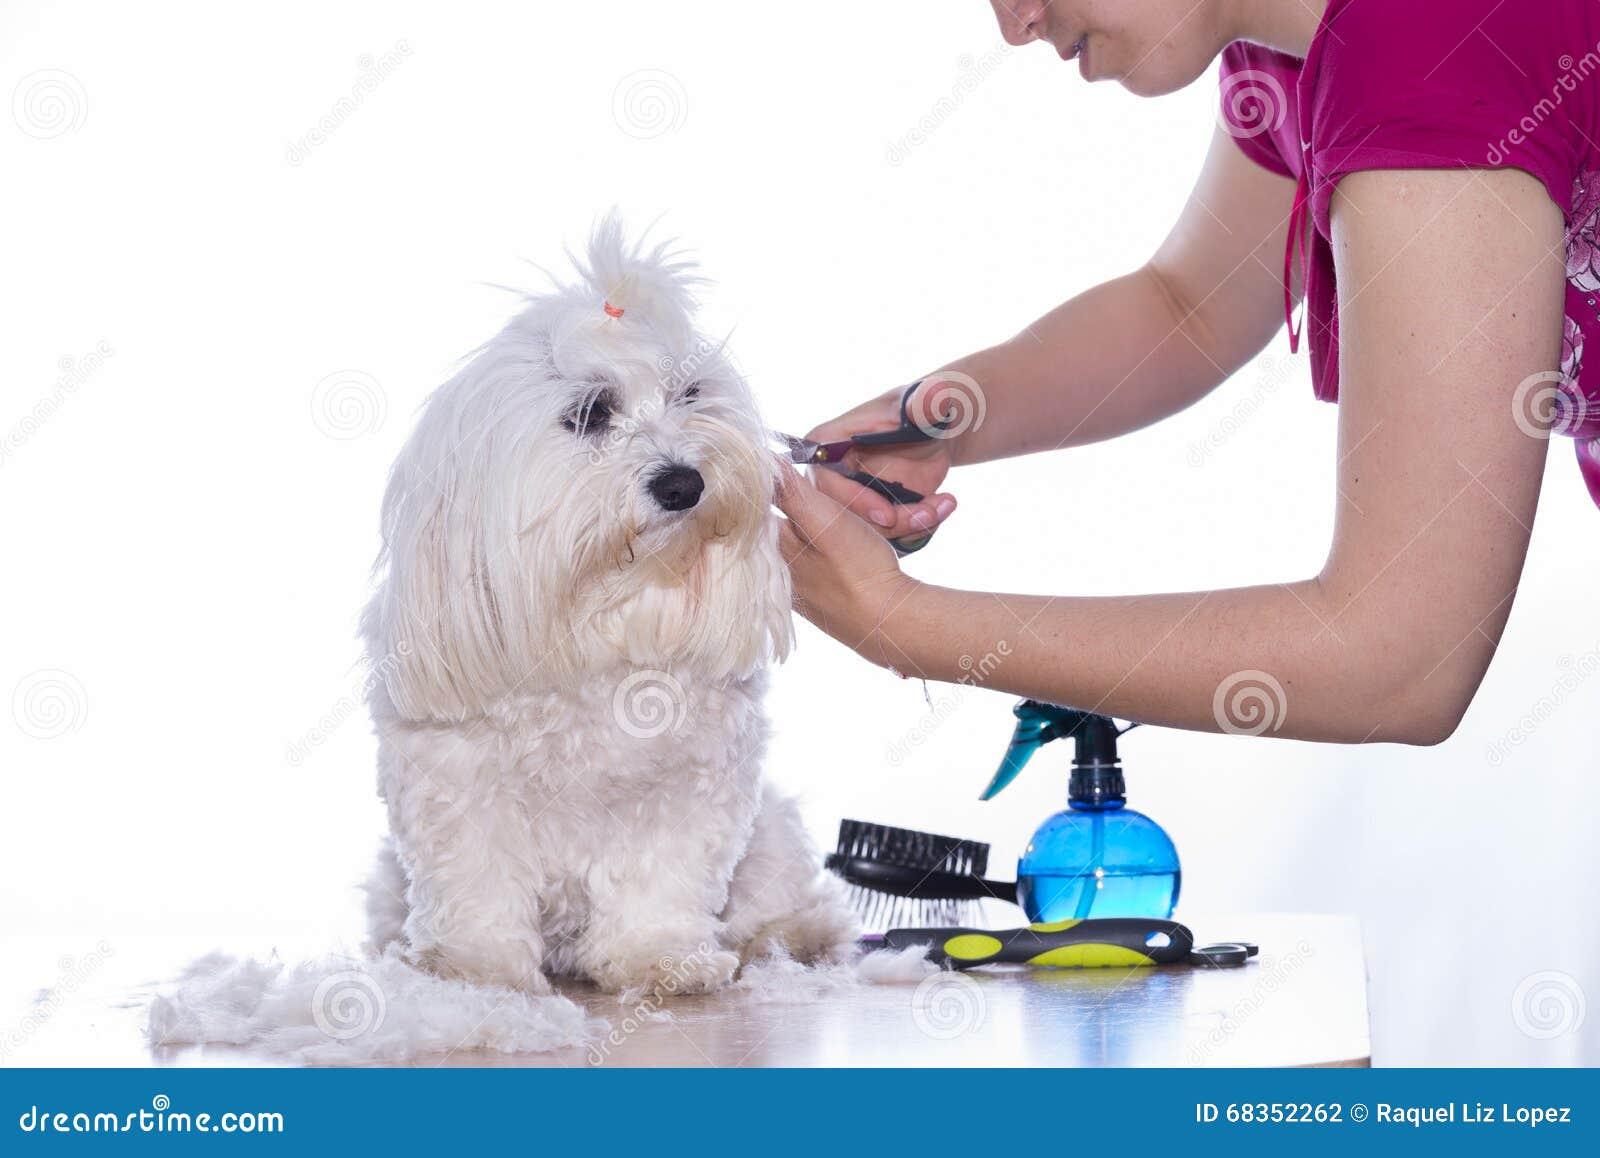 Canine hair cut.